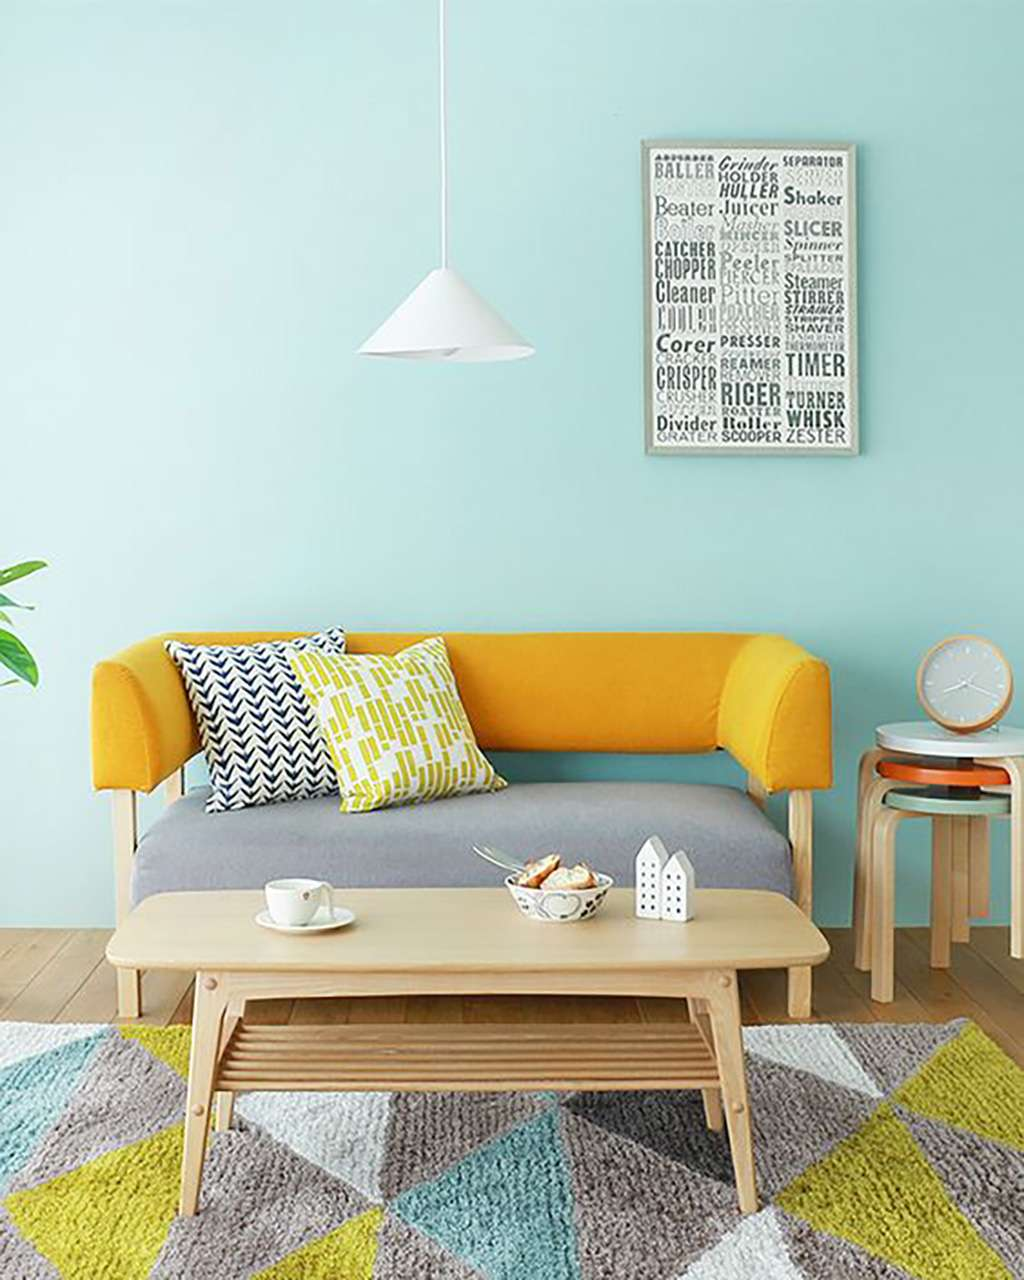 リノベーション、何から考える?-第二弾、家具の配置と配色について